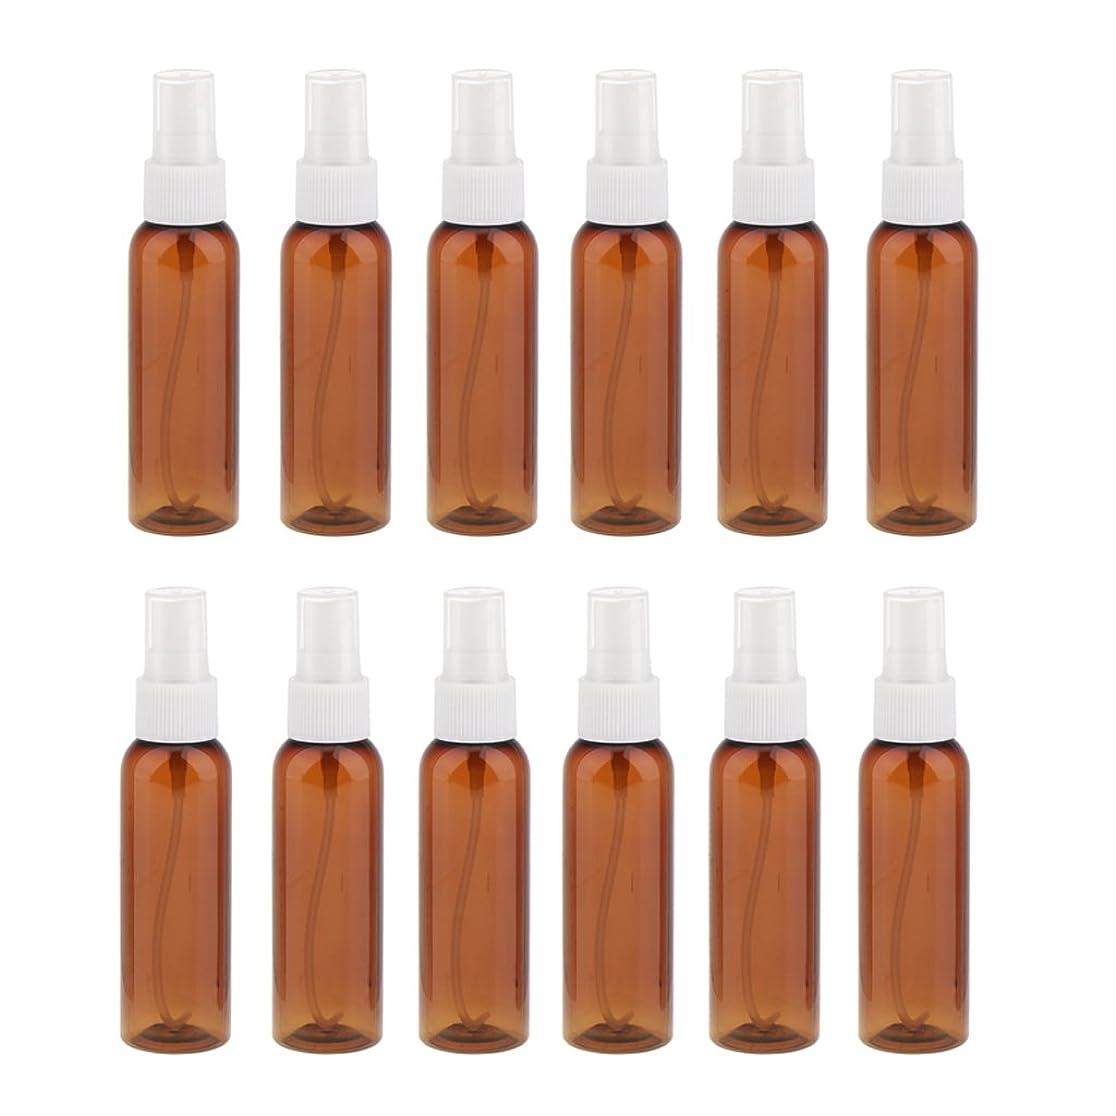 好きである髄ワイドSONONIA 詰め替え 化粧品容器 コンセプト 空のスプレーボトル 旅行 漏れ防止 60ml 12本 全3色 - 白